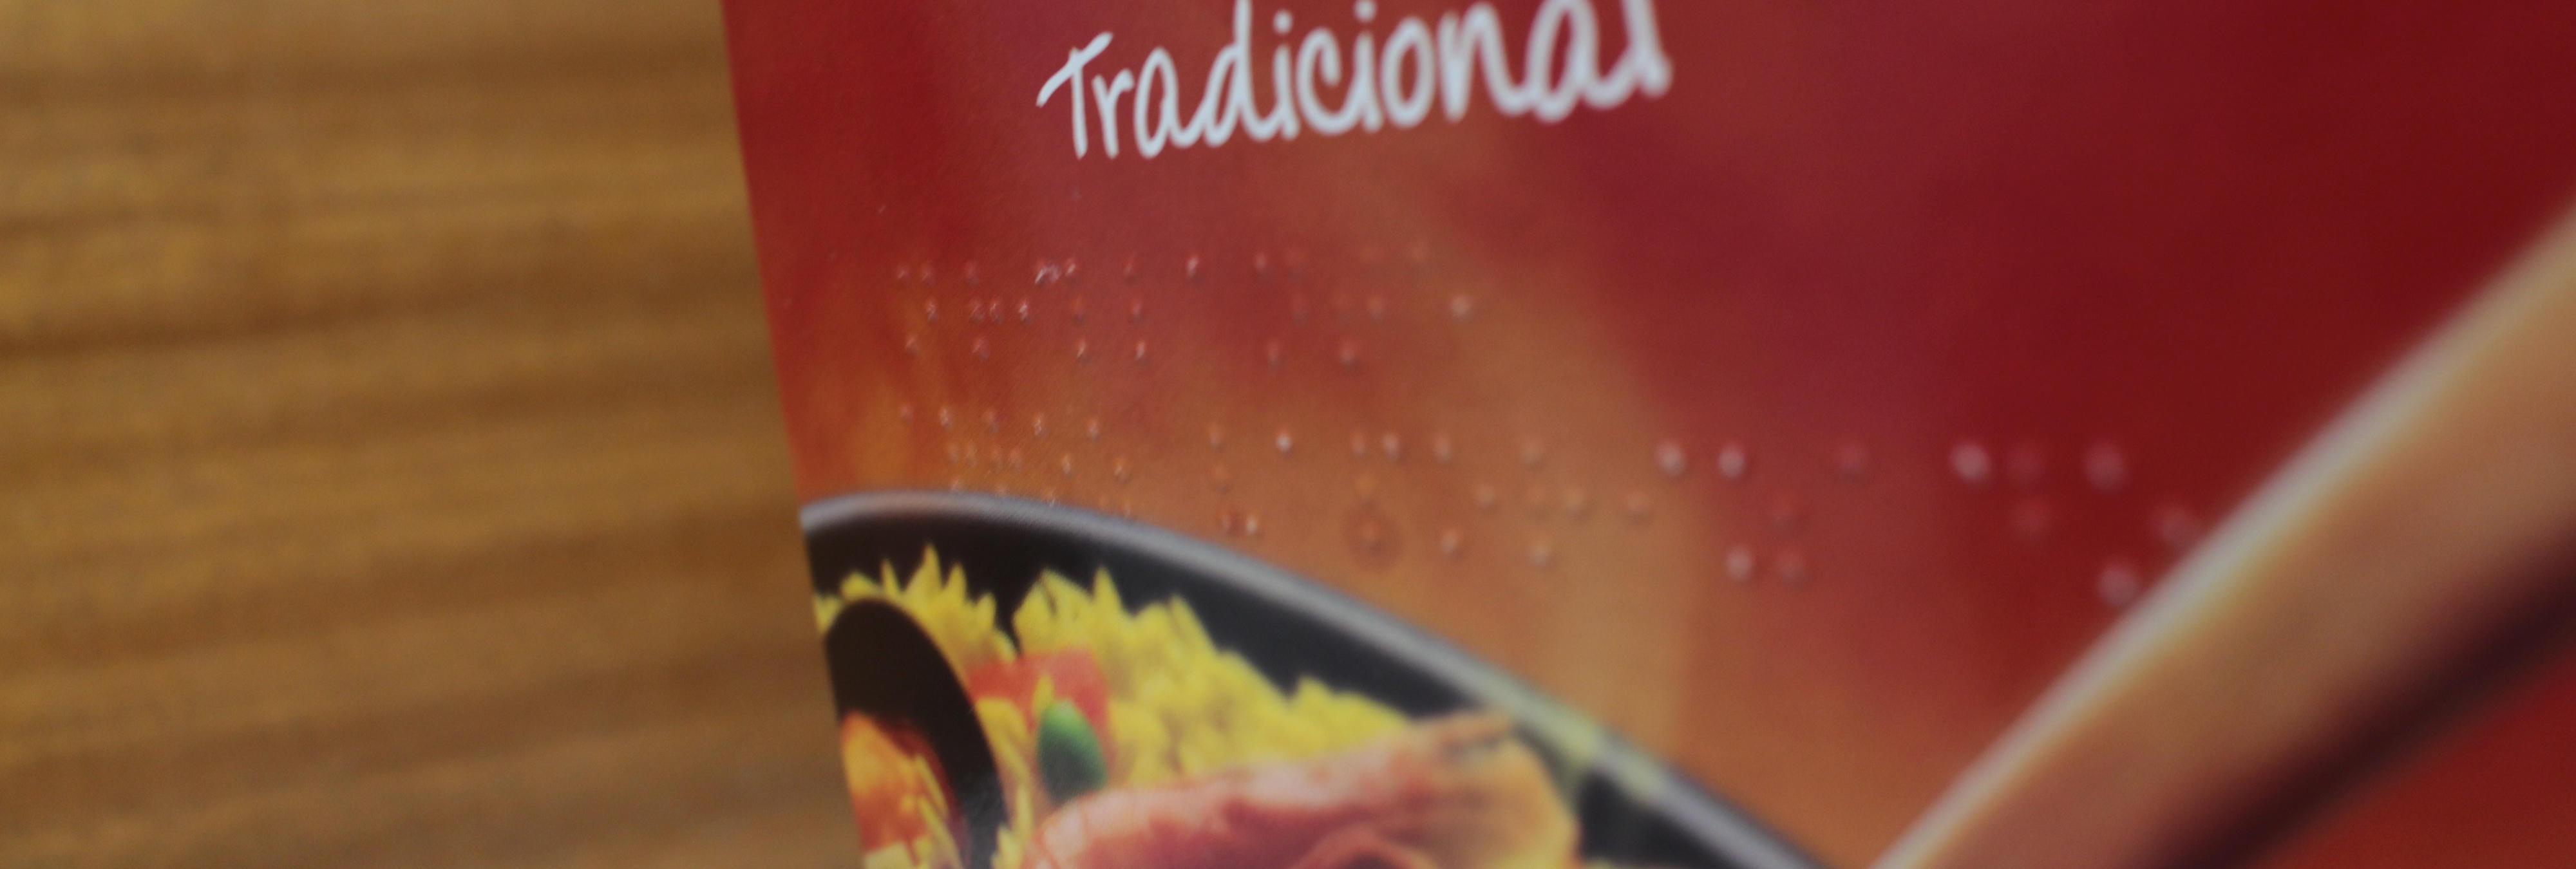 Una petición alcanza las 50.000 firmas para conseguir que los productos alimenticios vengan escritos en braille